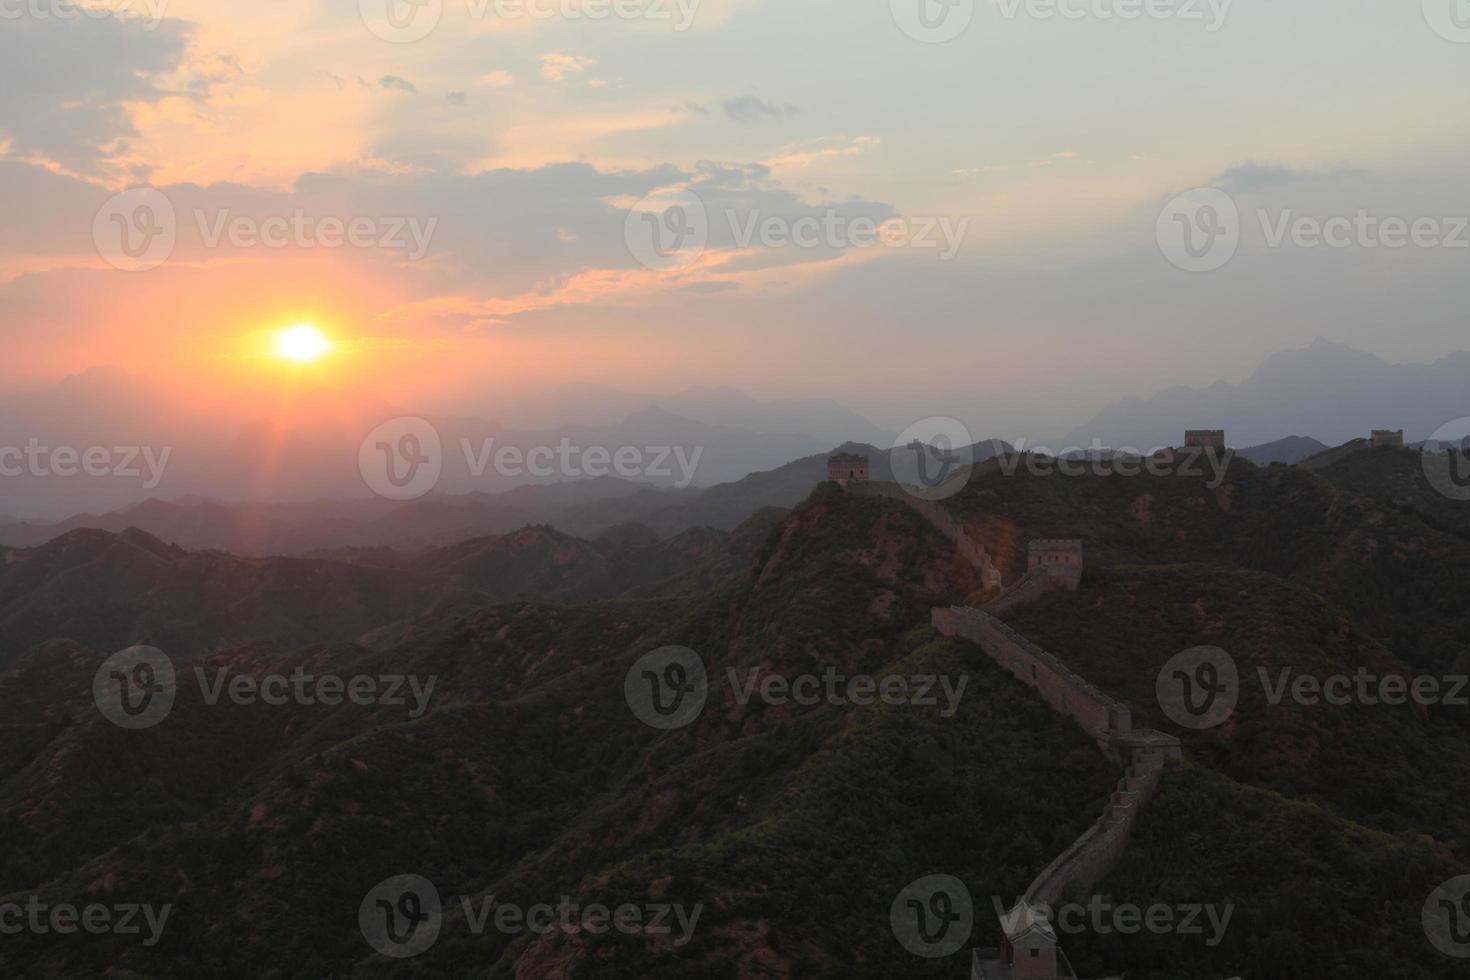 sonnenaufgang an der anspruchsvollen mauer bei jinshanling foto